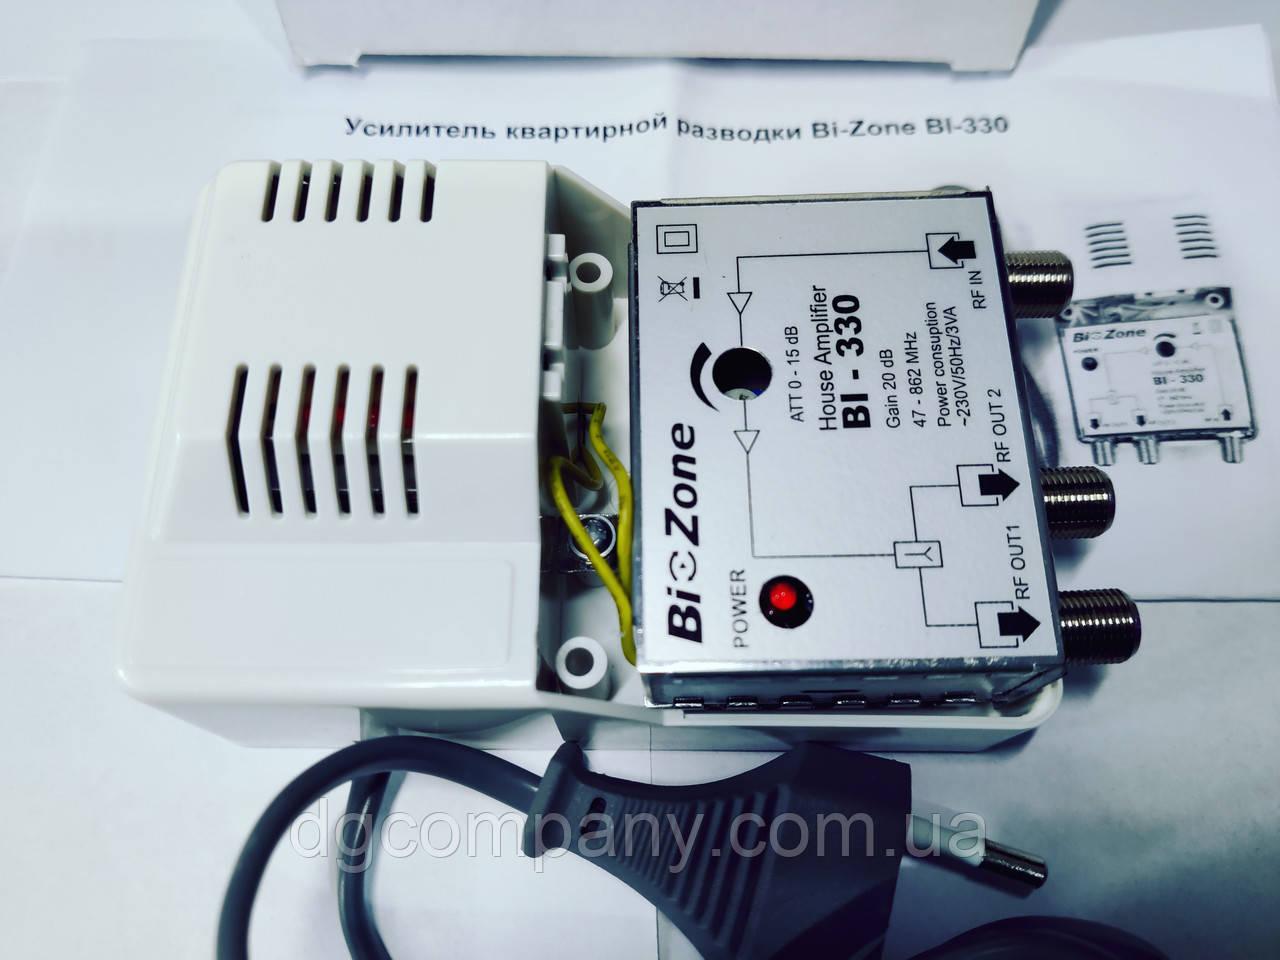 Підсилювач ТВ сигналу Bi-Zone Bi330